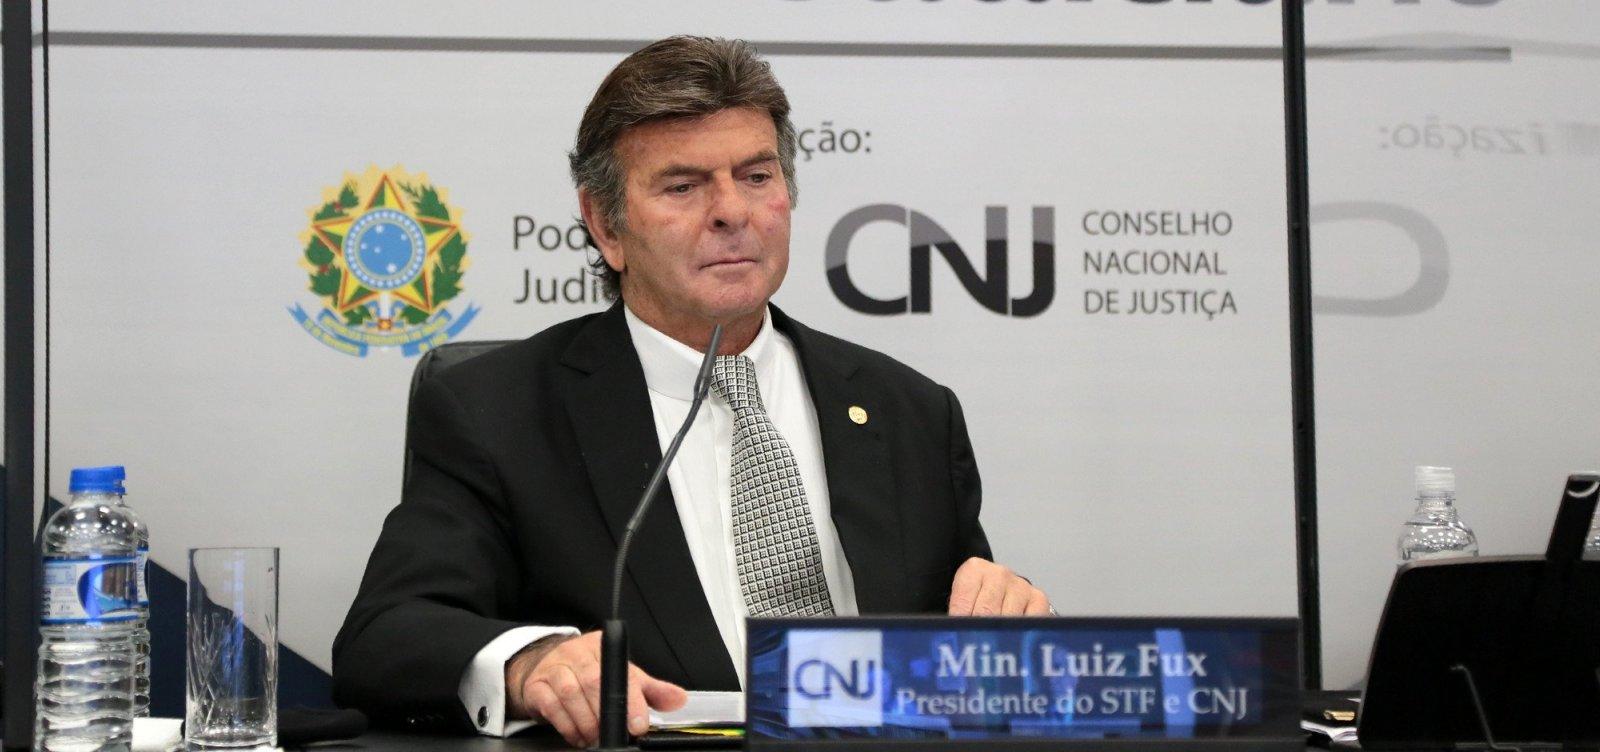 'A sociedade não está preparada', opina Fux sobre possível veto da Câmara à prisão de deputado bolsonarista